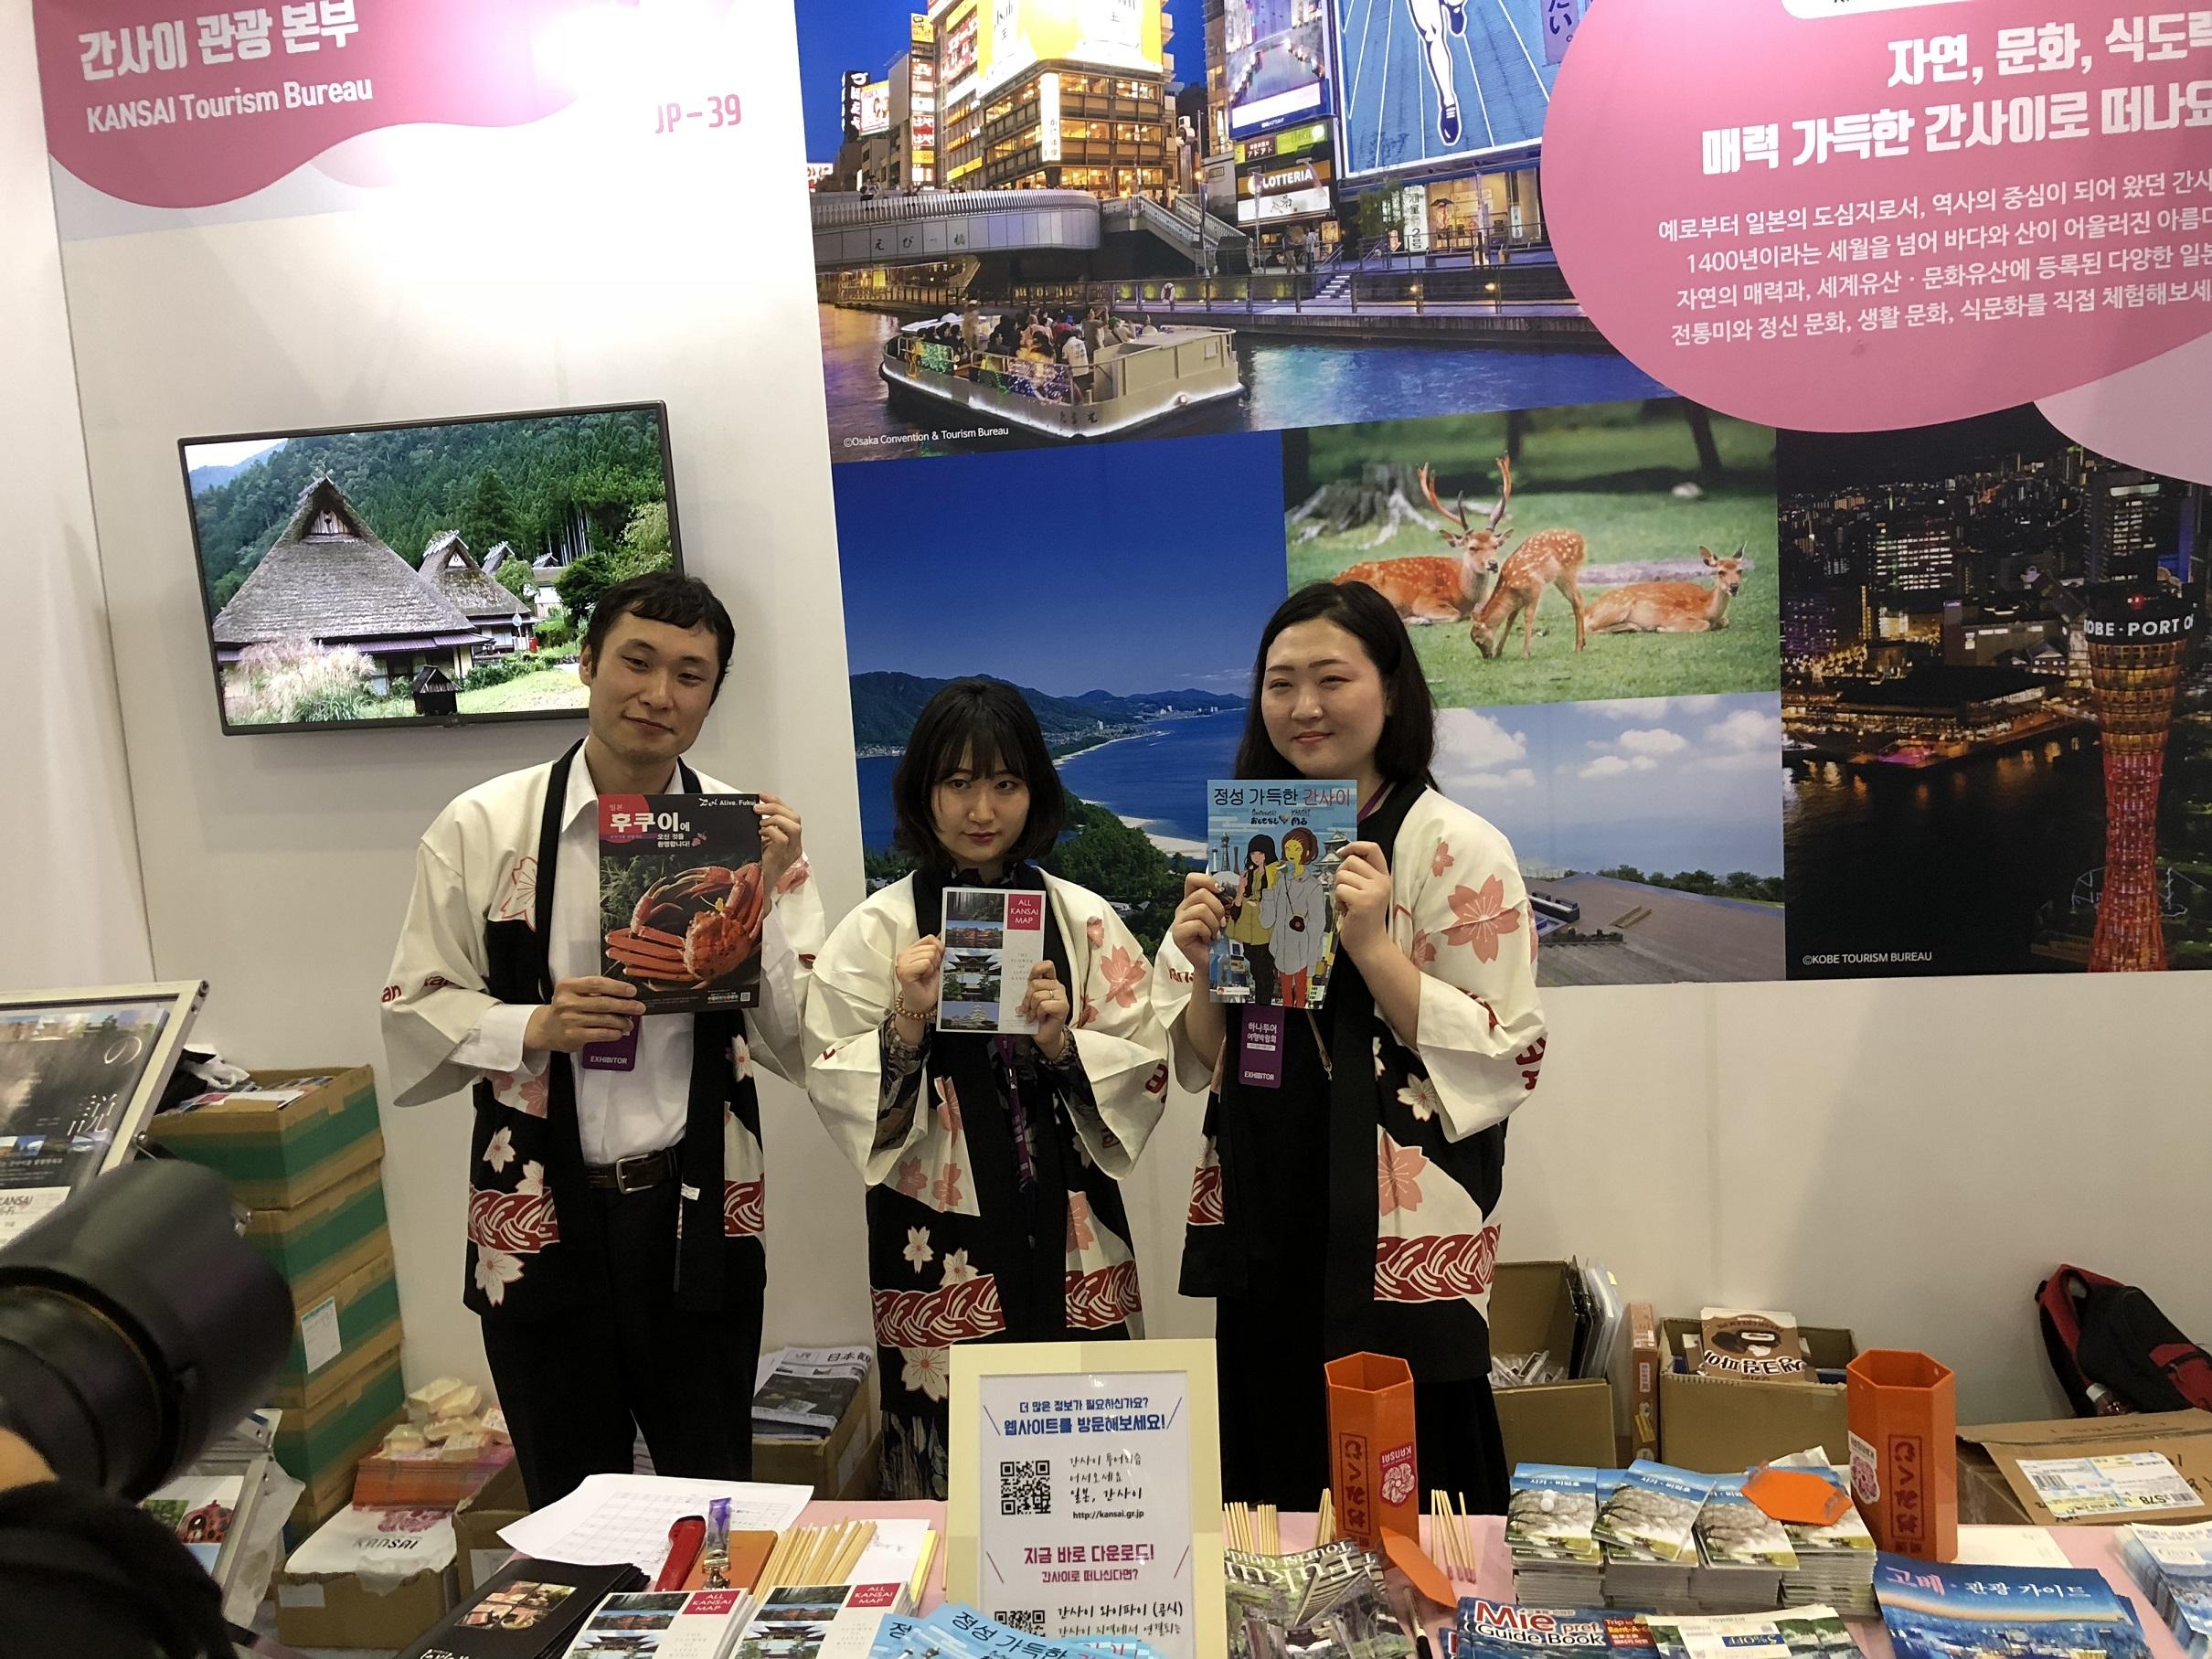 韓国・ハナツアー旅行博覧会でのプロモーションを実施しました